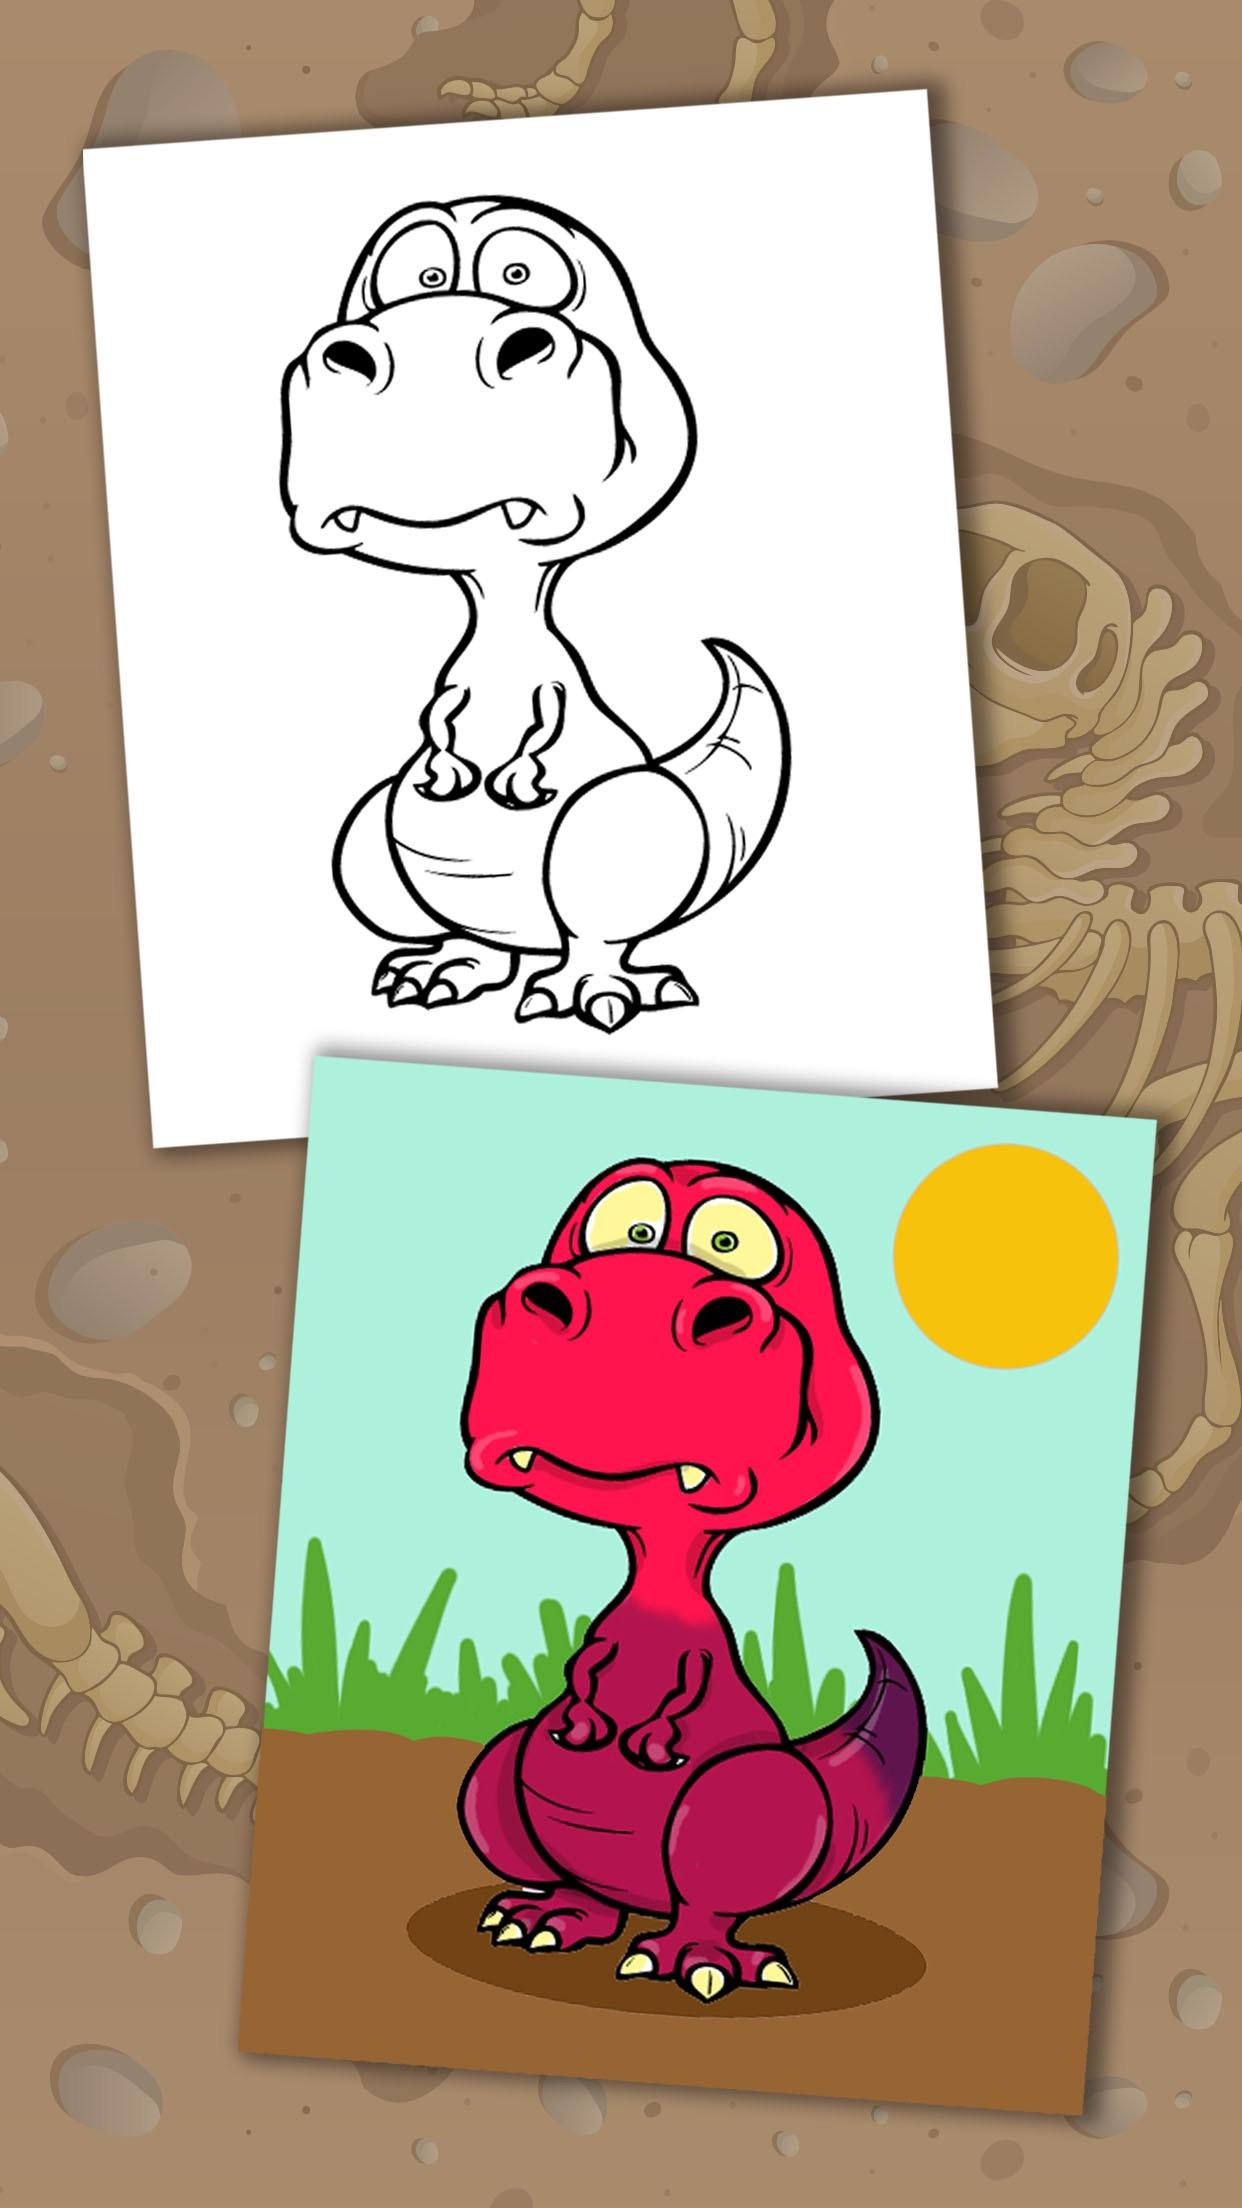 恐龙动物世界侏罗纪公园儿童画画游戏(3-6岁宝宝涂手涂色早教益智软件